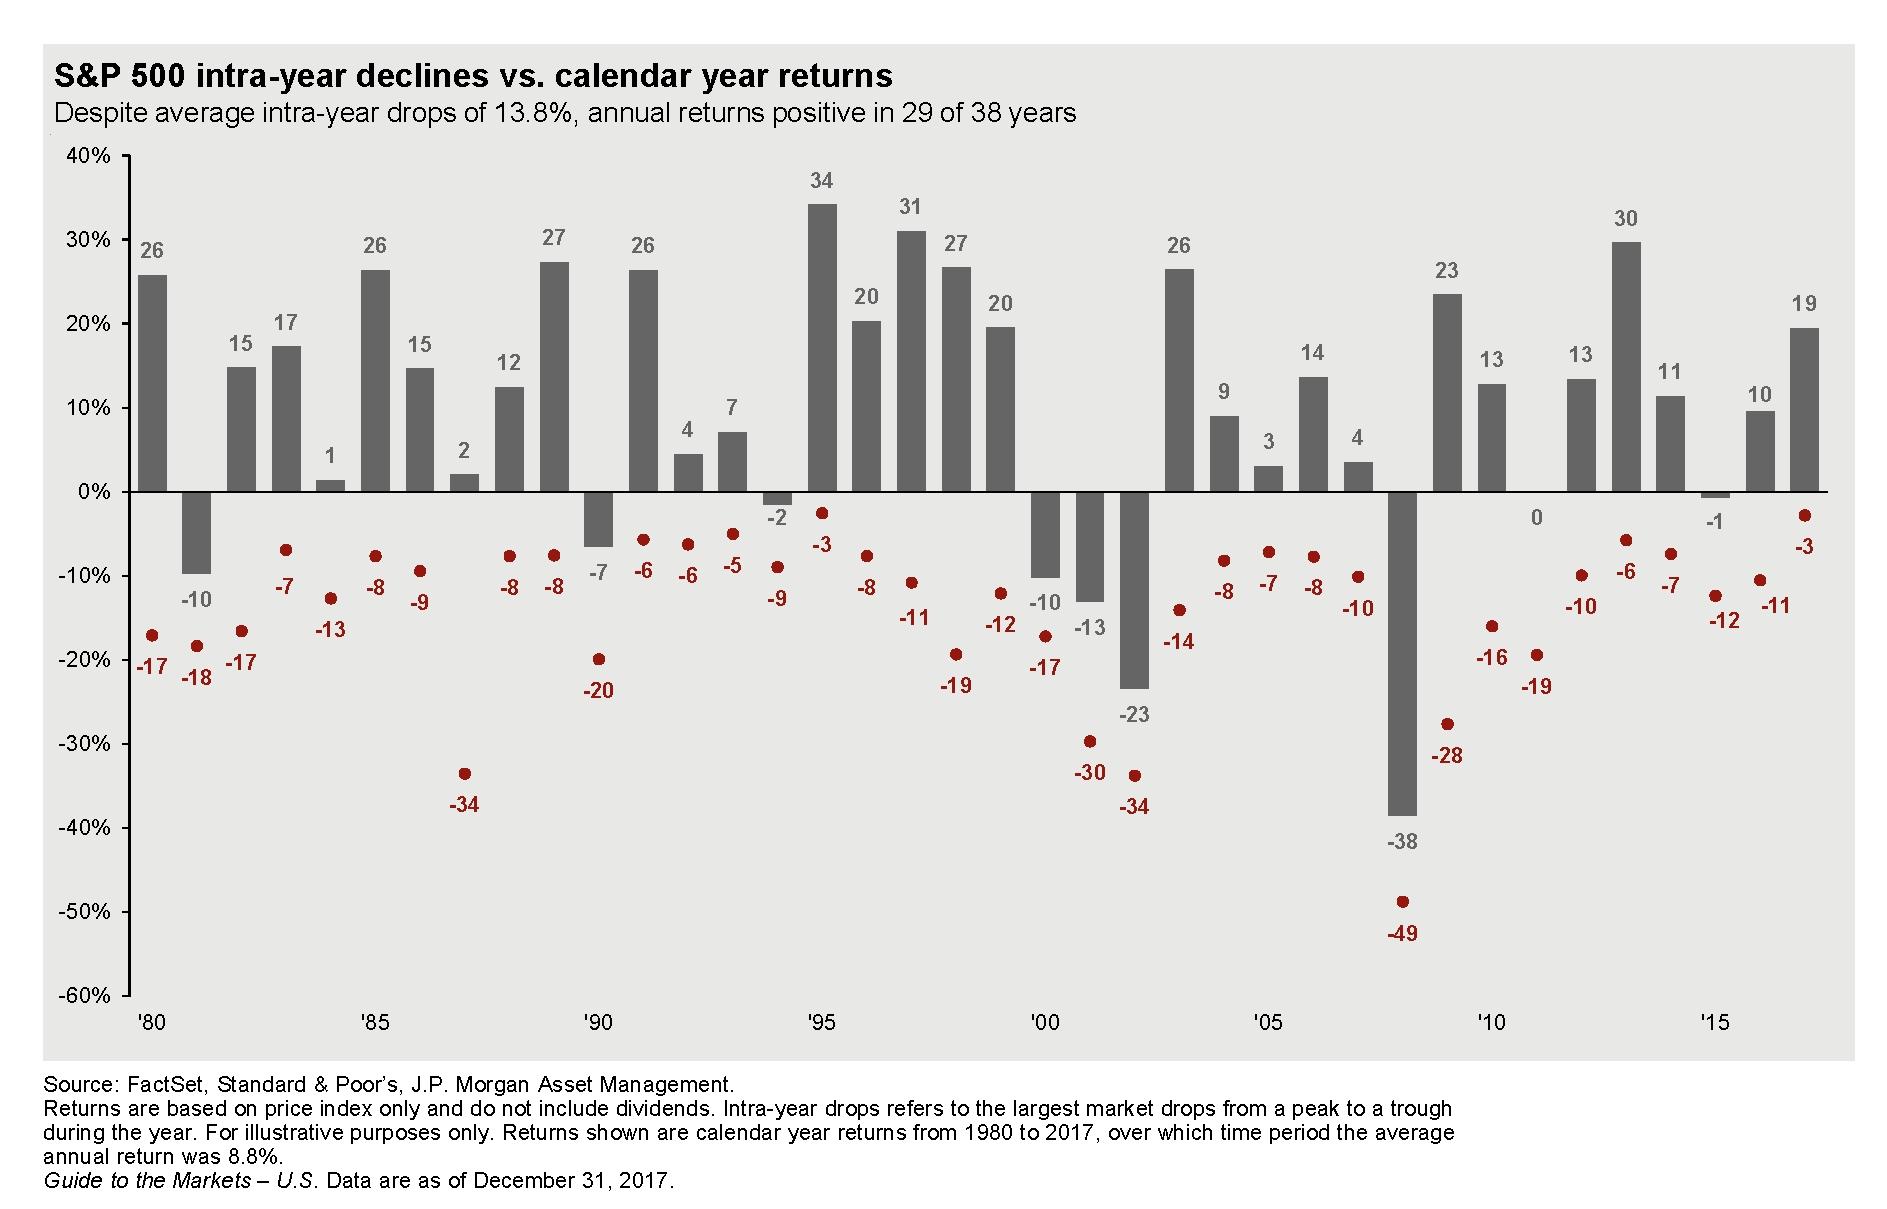 redit levitas: volatility returns regarding s&p 500 intra